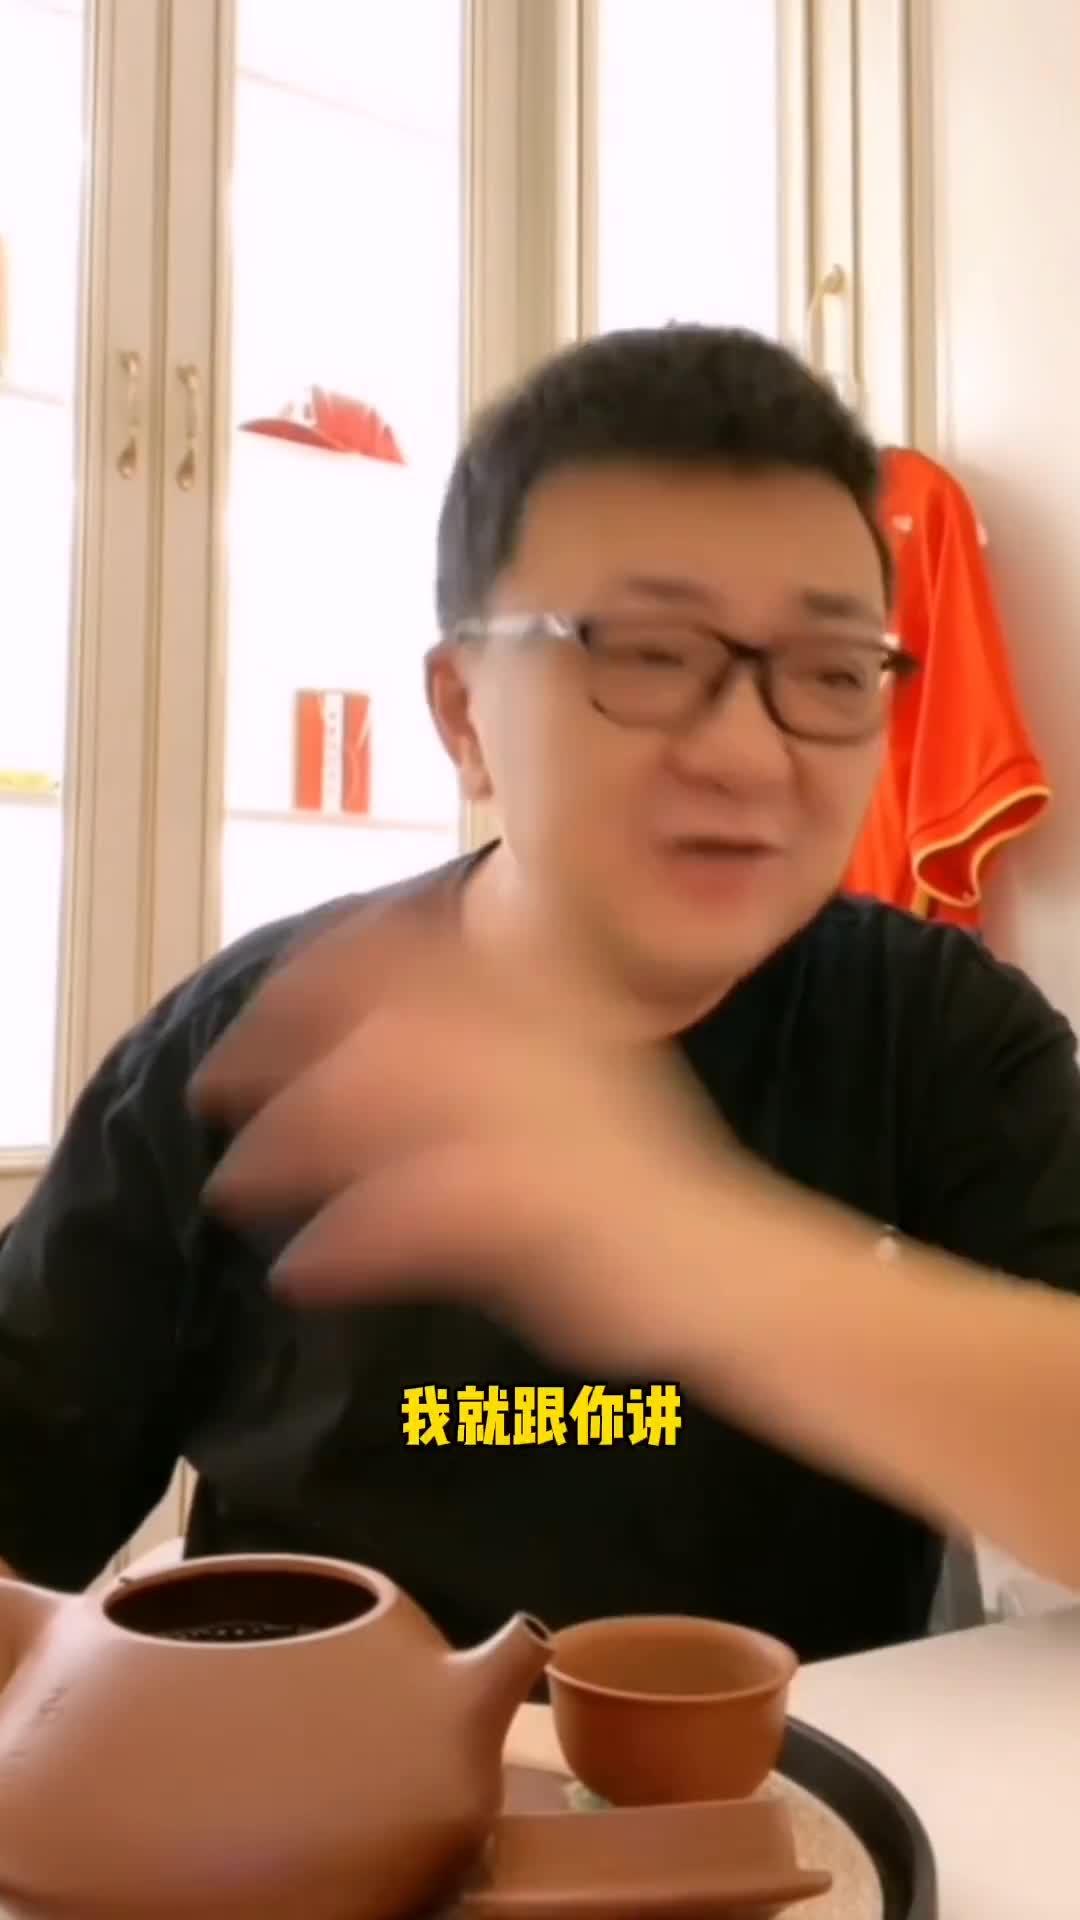 董路:日本小孩抬的不是球门,是基因